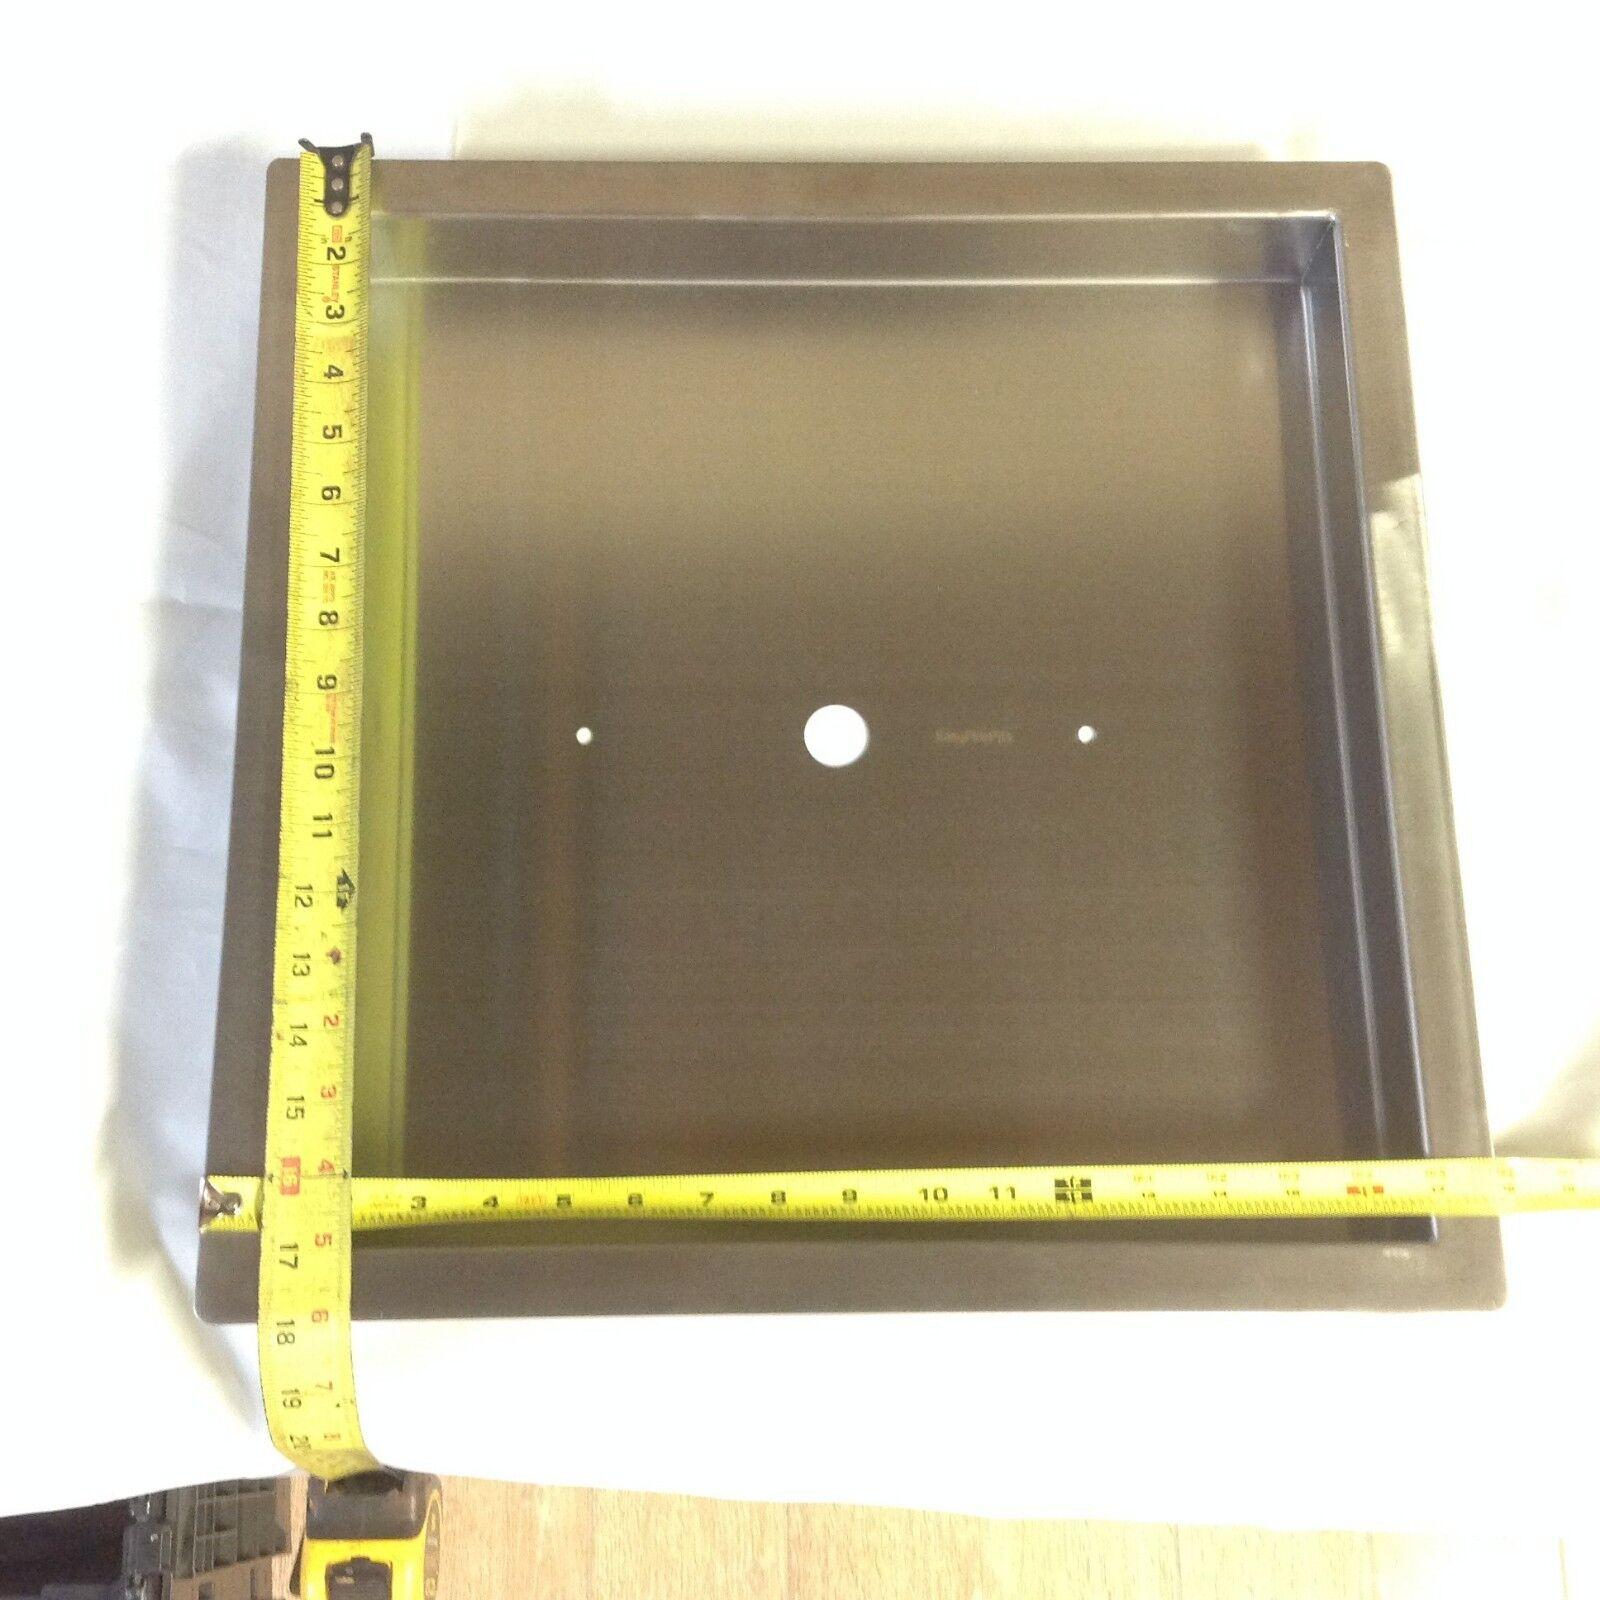 PAN16X16-1: Resistente Pan Calibre 18 Inoxidable 40.6cmx40.6cmx2